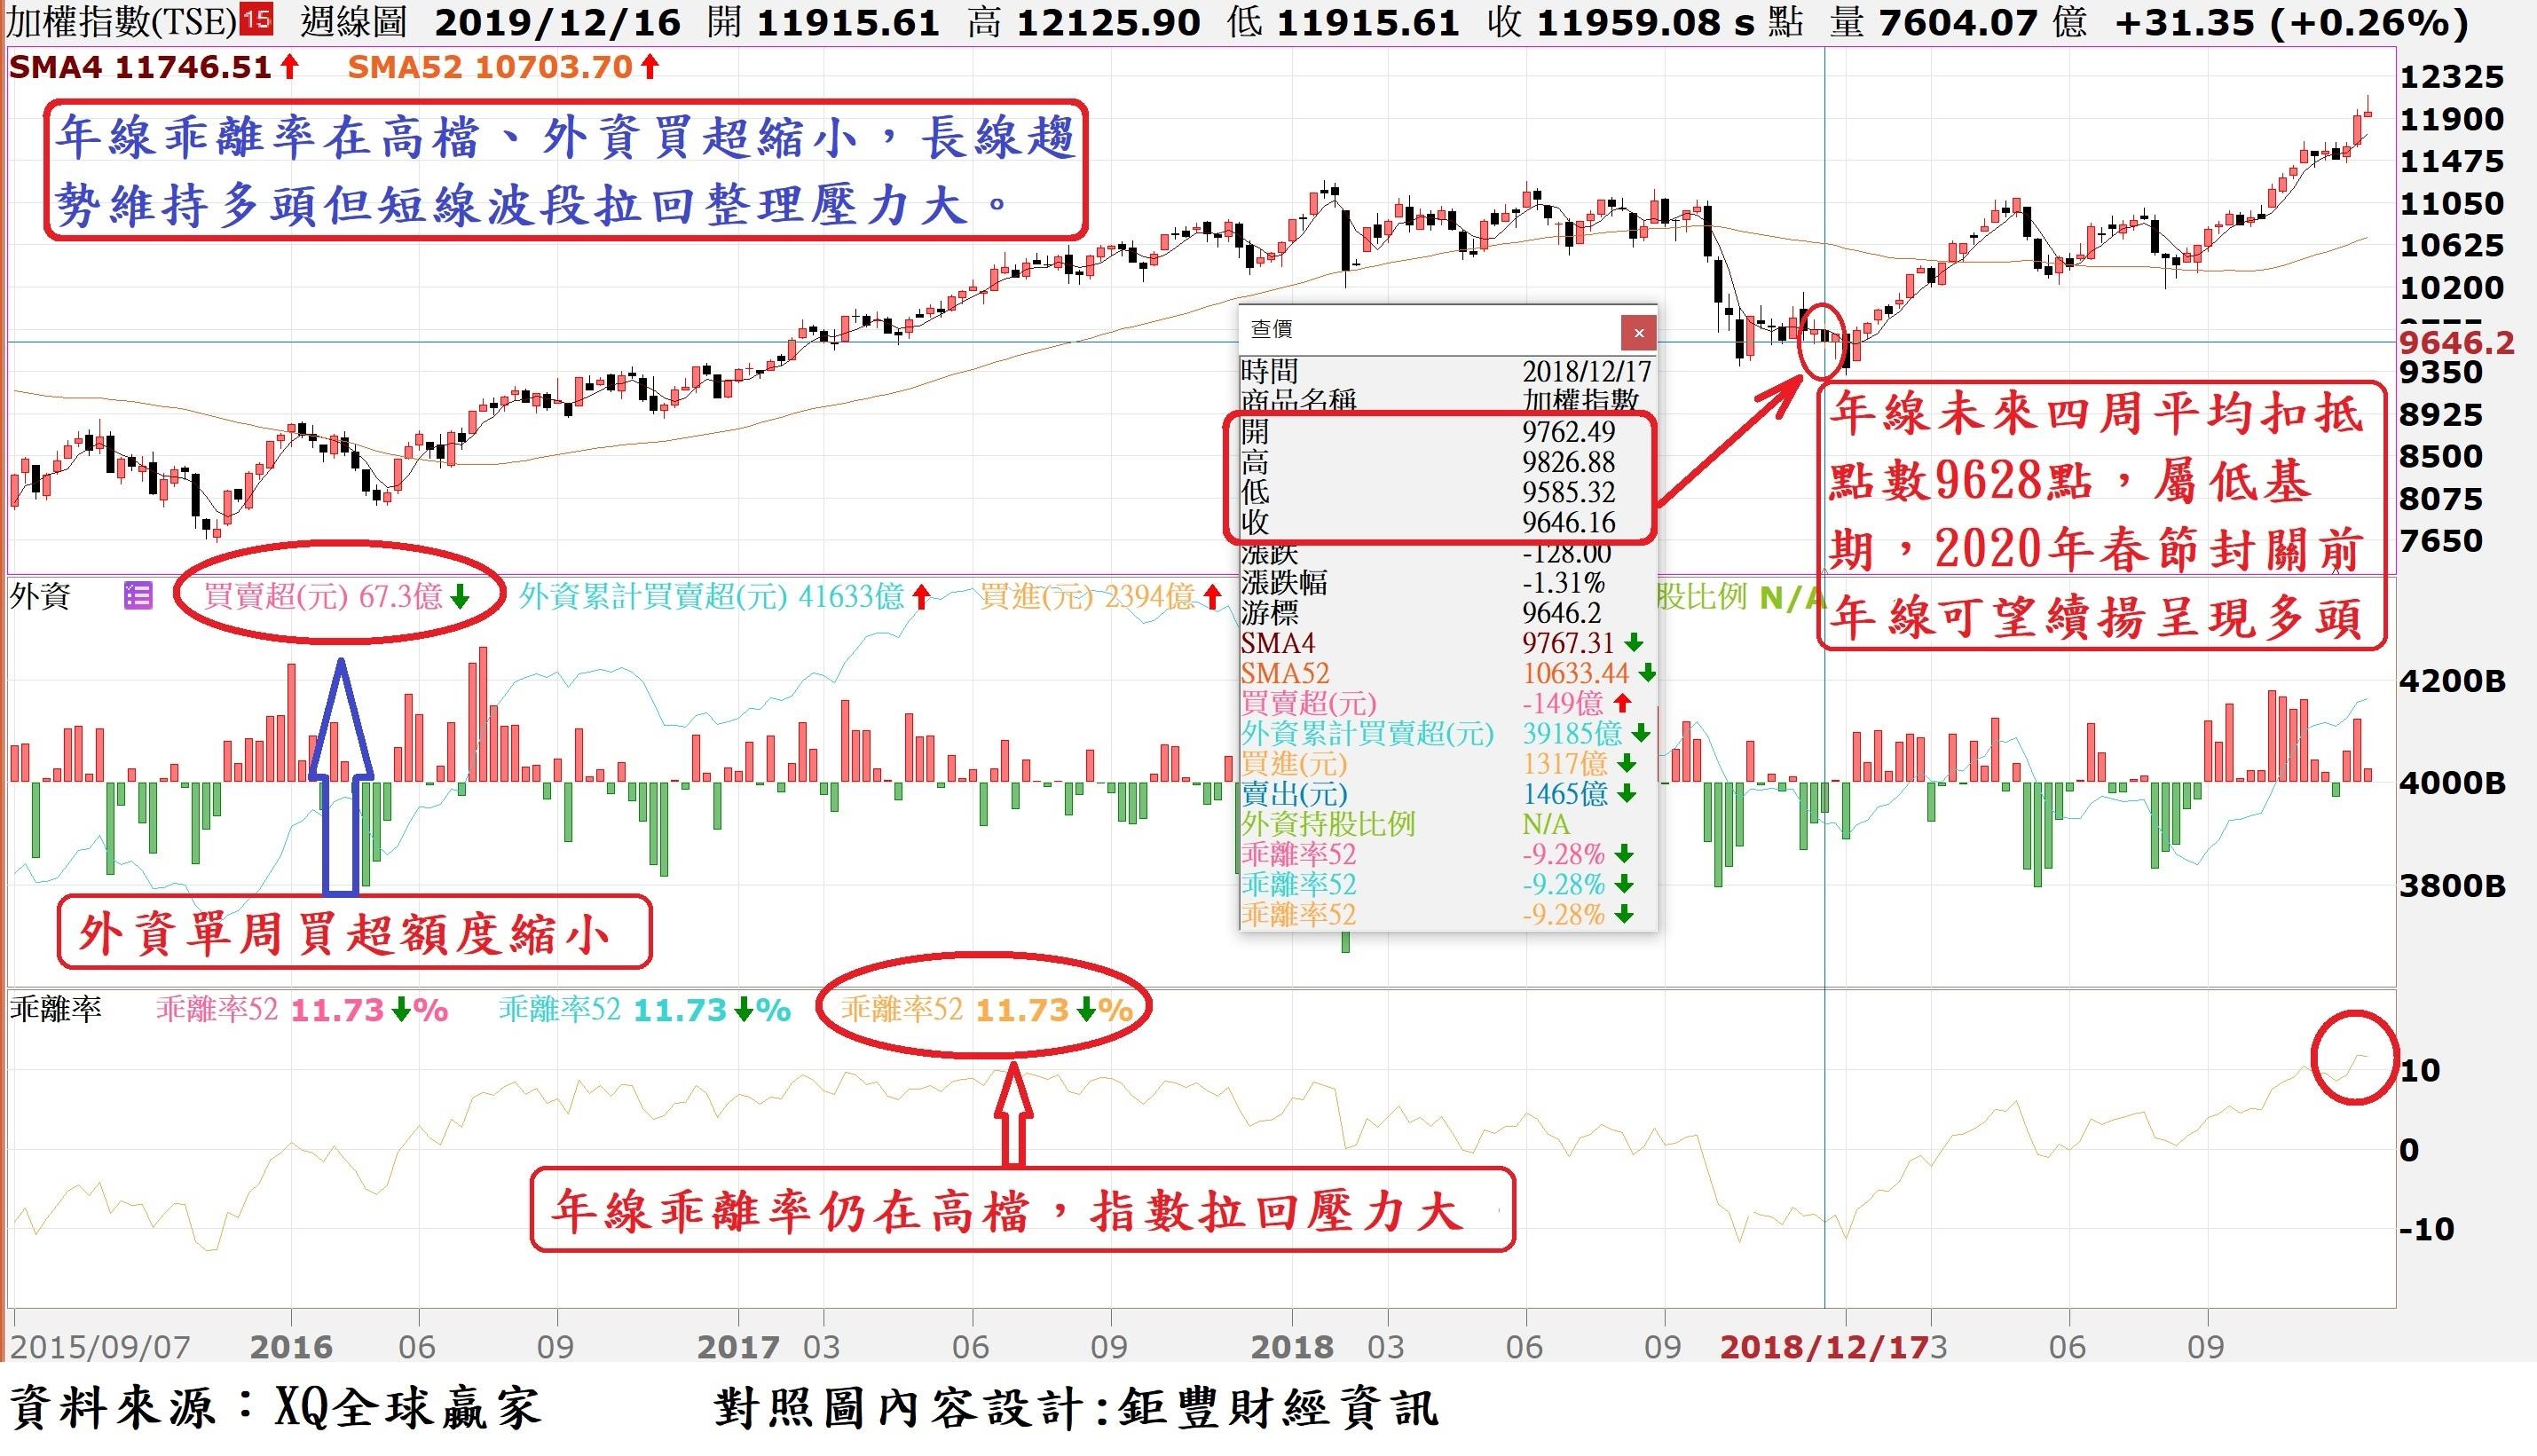 台股周K線與年線(52周均線)乖離率走勢對照圖